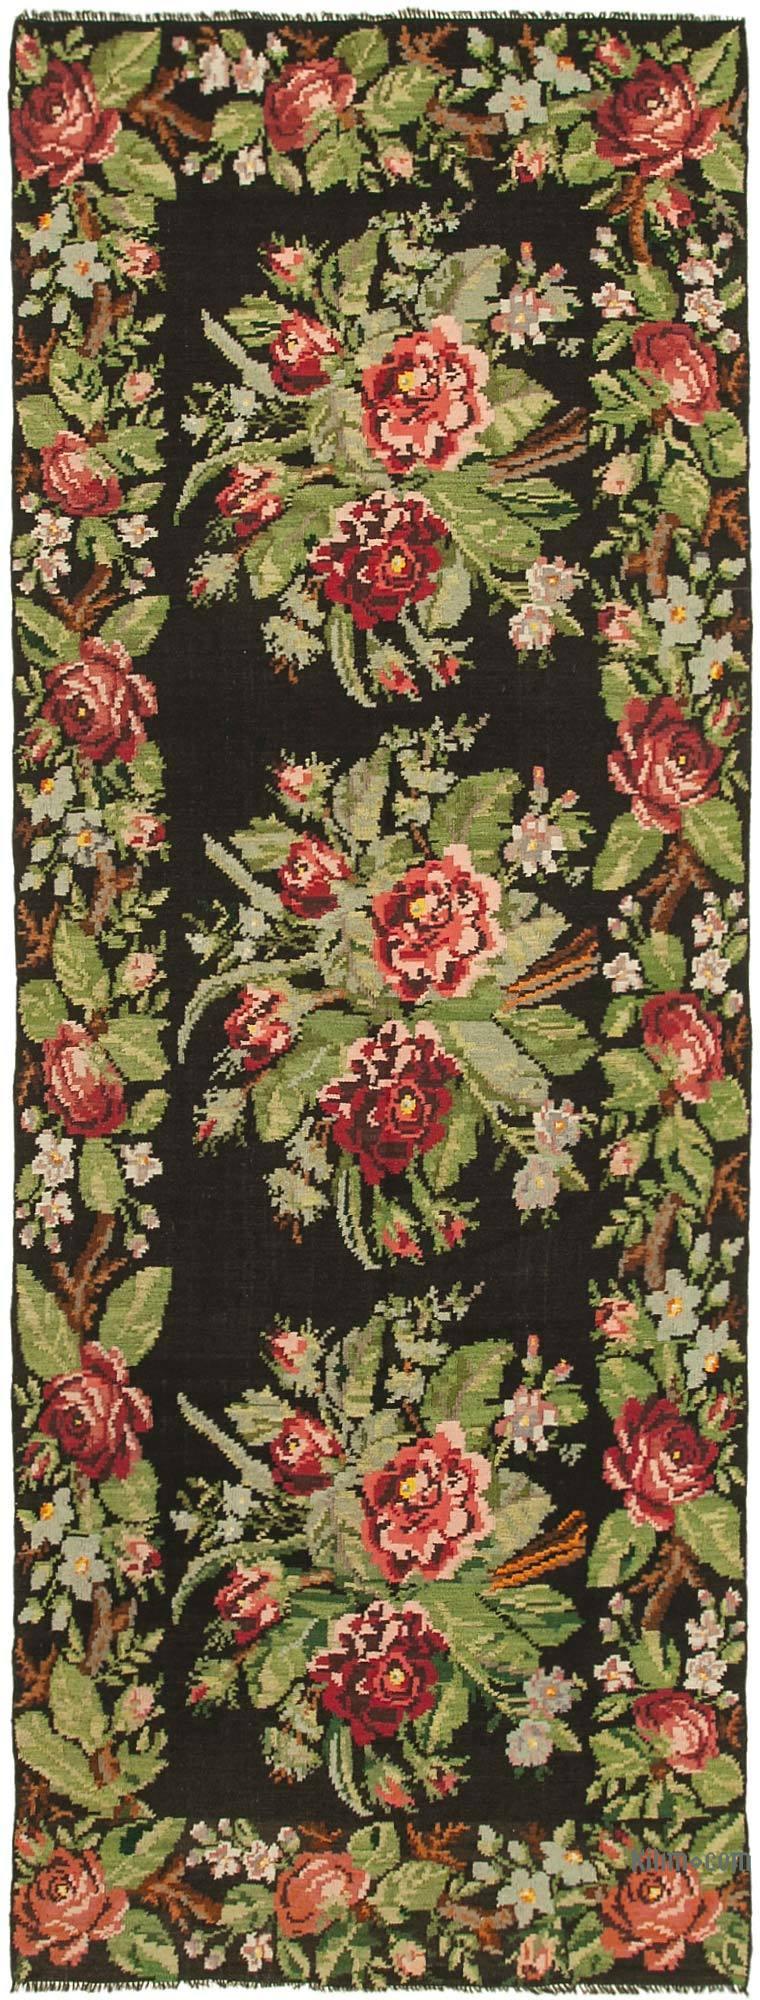 Multicolor Vintage Handwoven Moldovan Kilim Area Rug - 5' 8# x 14' 11# (68 in. x 179 in.) - K0039145